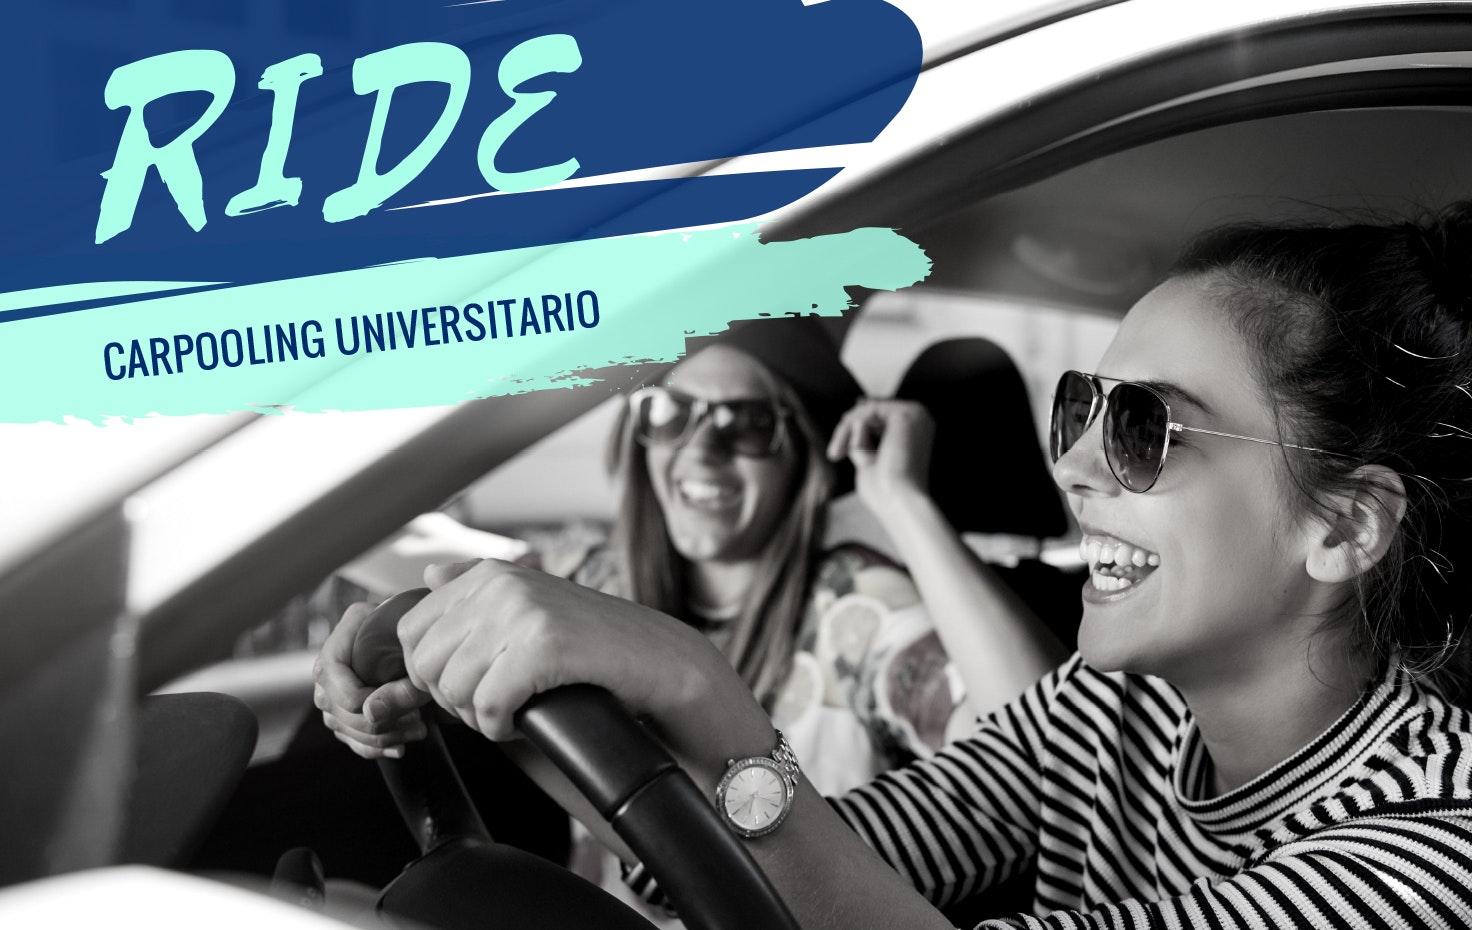 Ride, la app per i viaggi degli universitari